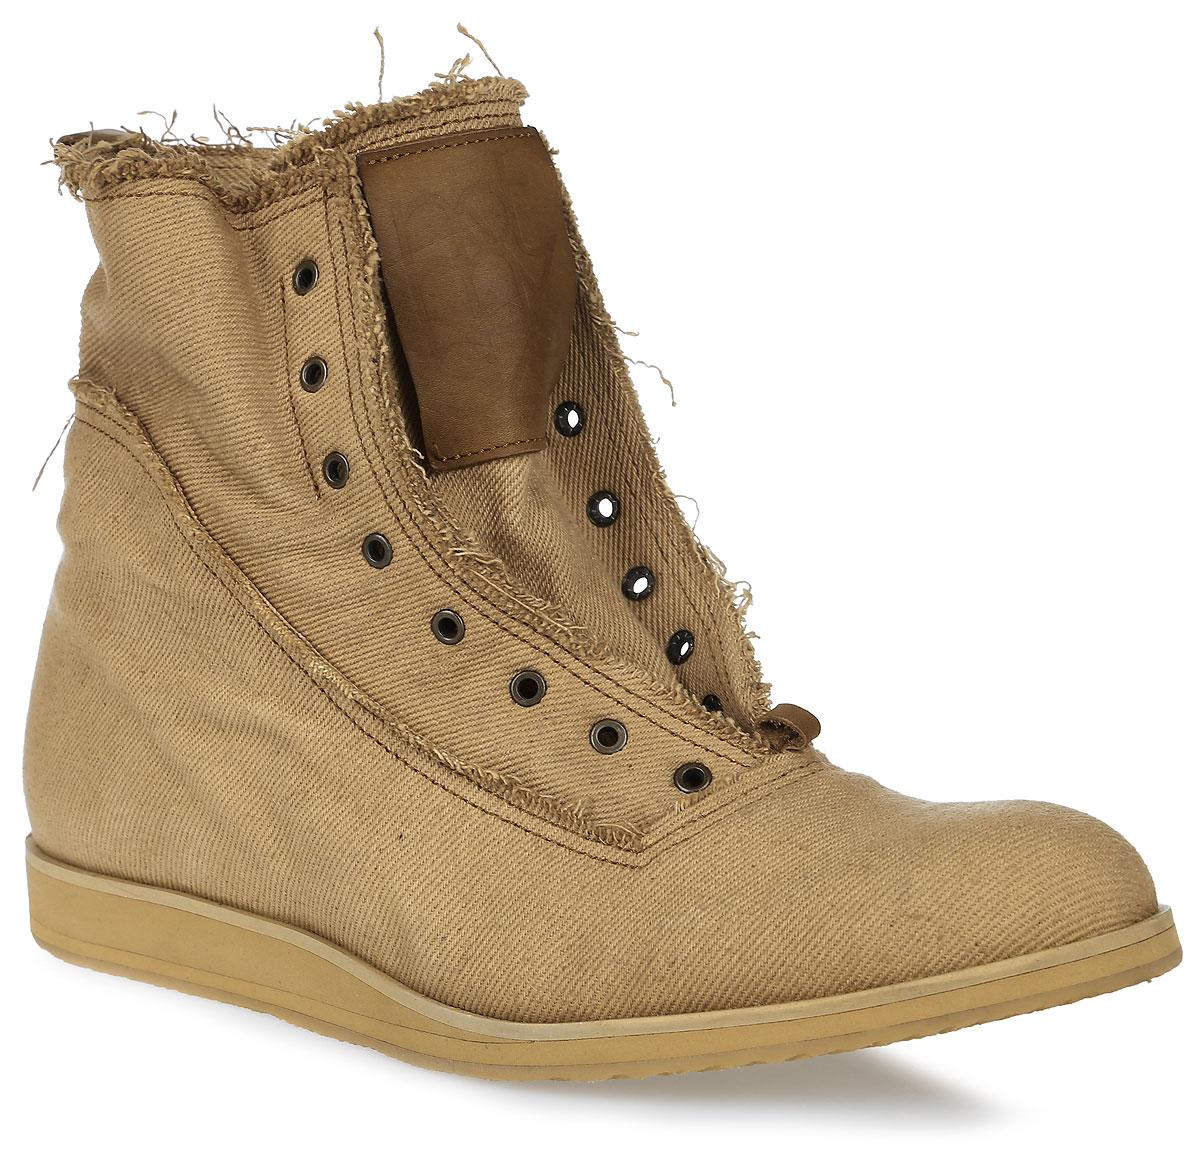 Brink-denim-yСтильные ботинки от Notmysize заинтересуют вас своим дизайном. Модель выполнена из плотной джинсы. Ботинки с вшитым язычком, дополнены металлическими люверсами. Ярлычок на заднике облегчает надевание обуви. Каблук и подошва с рифлением защищают изделие от скольжения. Модные ботинки подчеркнут ваш стиль и индивидуальность.